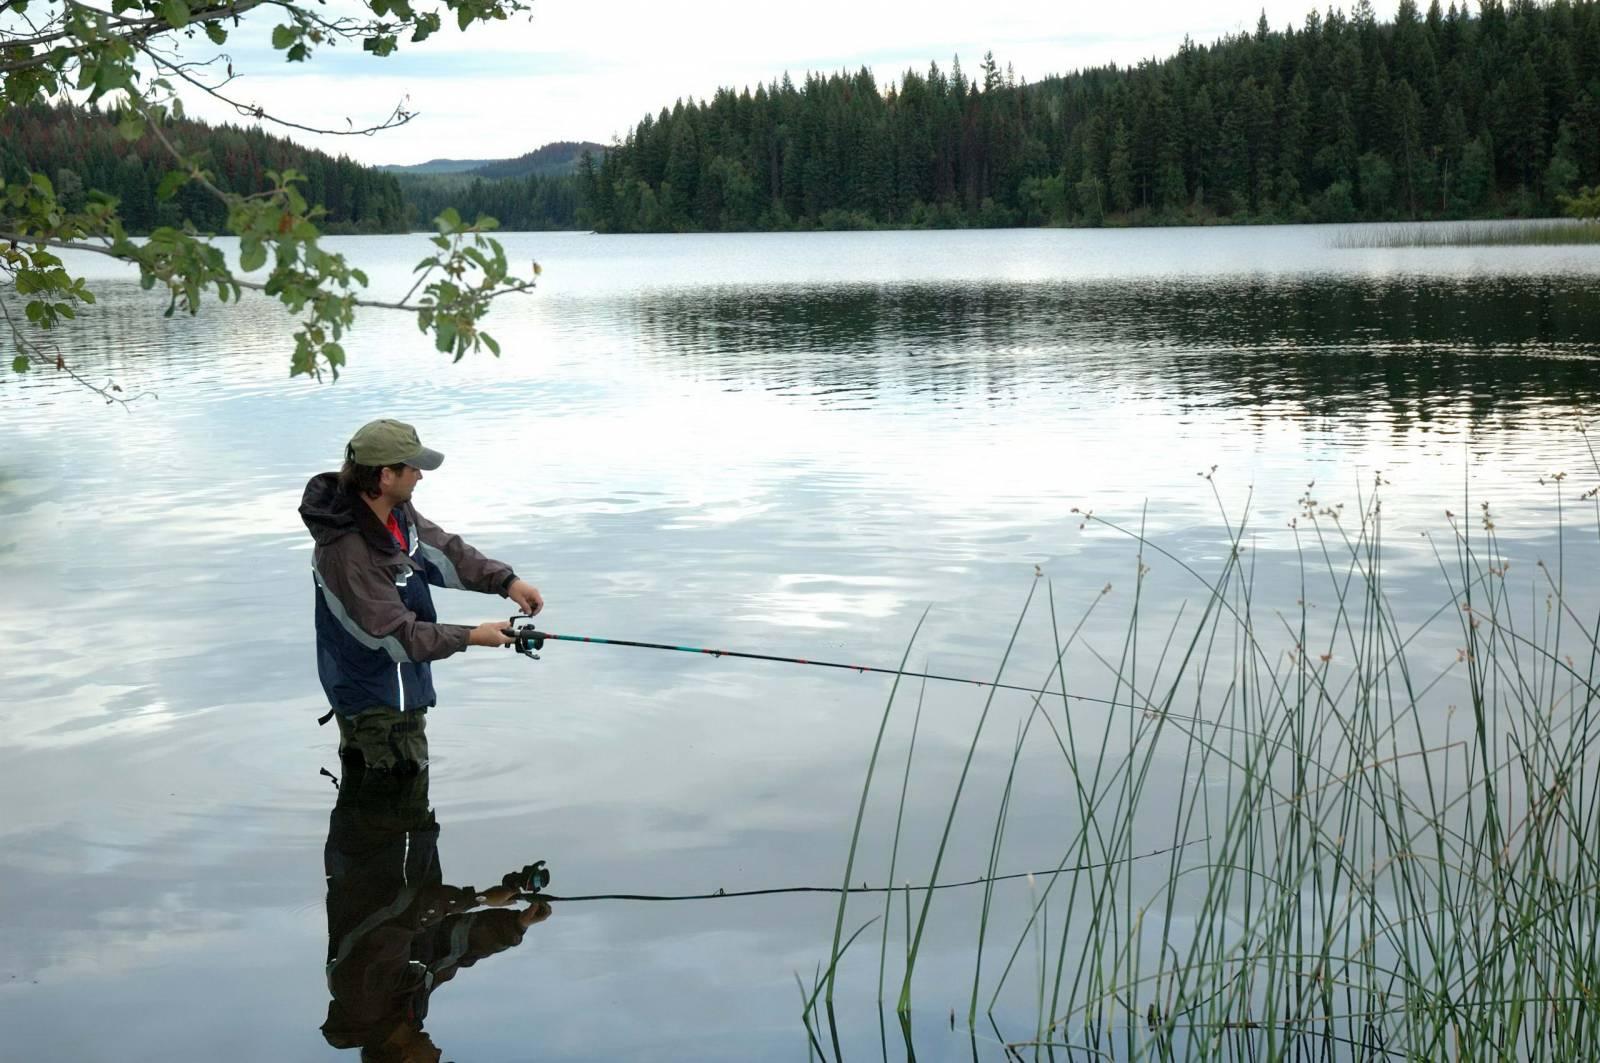 Какой длины спиннинг для ловли с берега